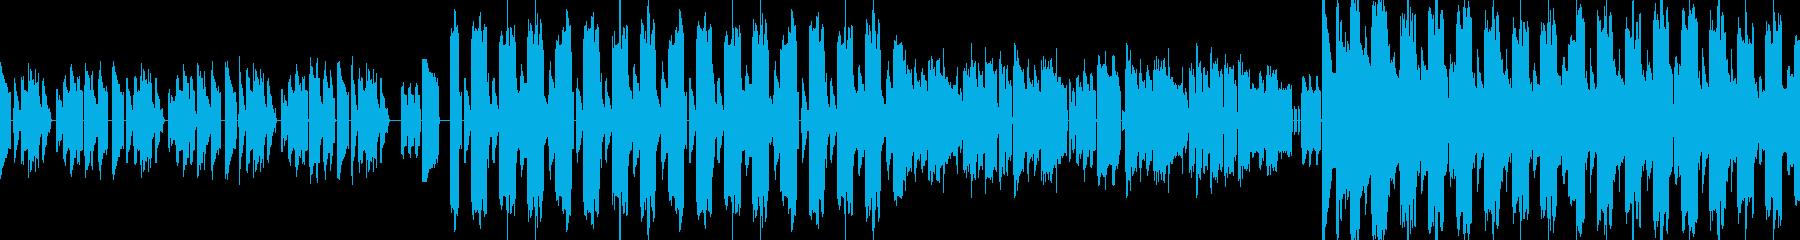 緊迫感のあるデジロック風エレクトロの再生済みの波形